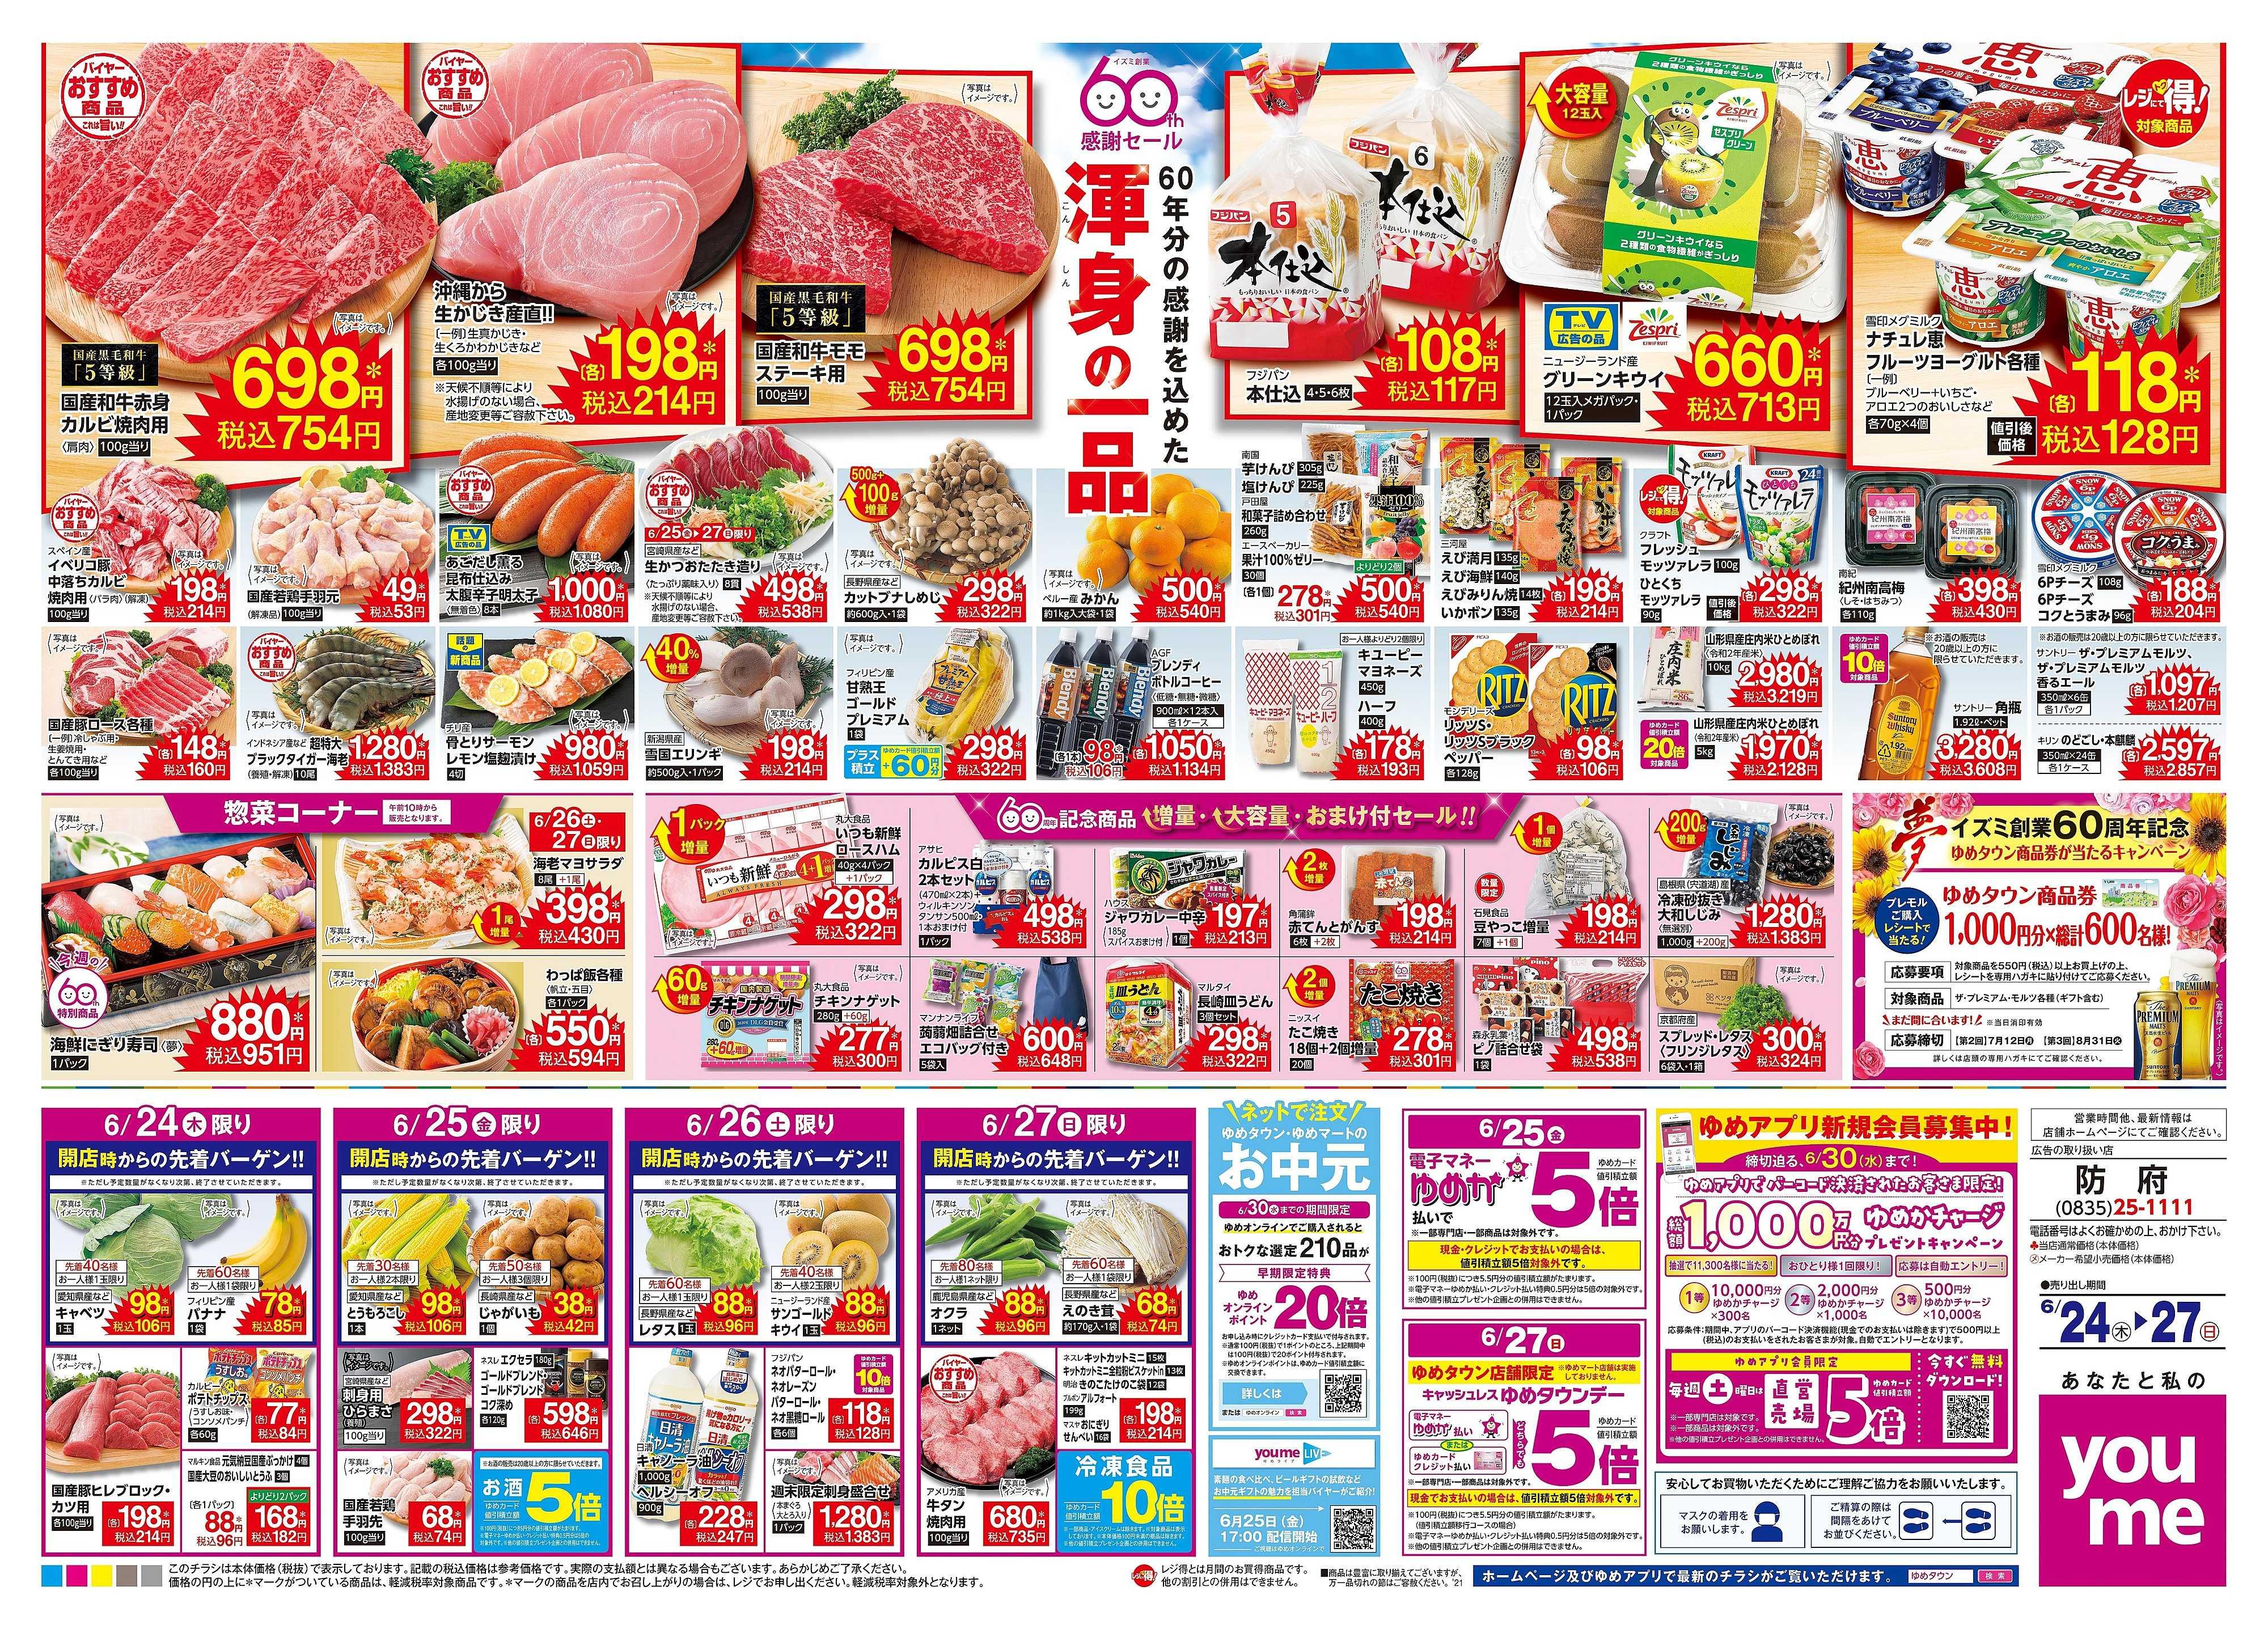 ゆめタウン 6/24(木)-6/27(日)